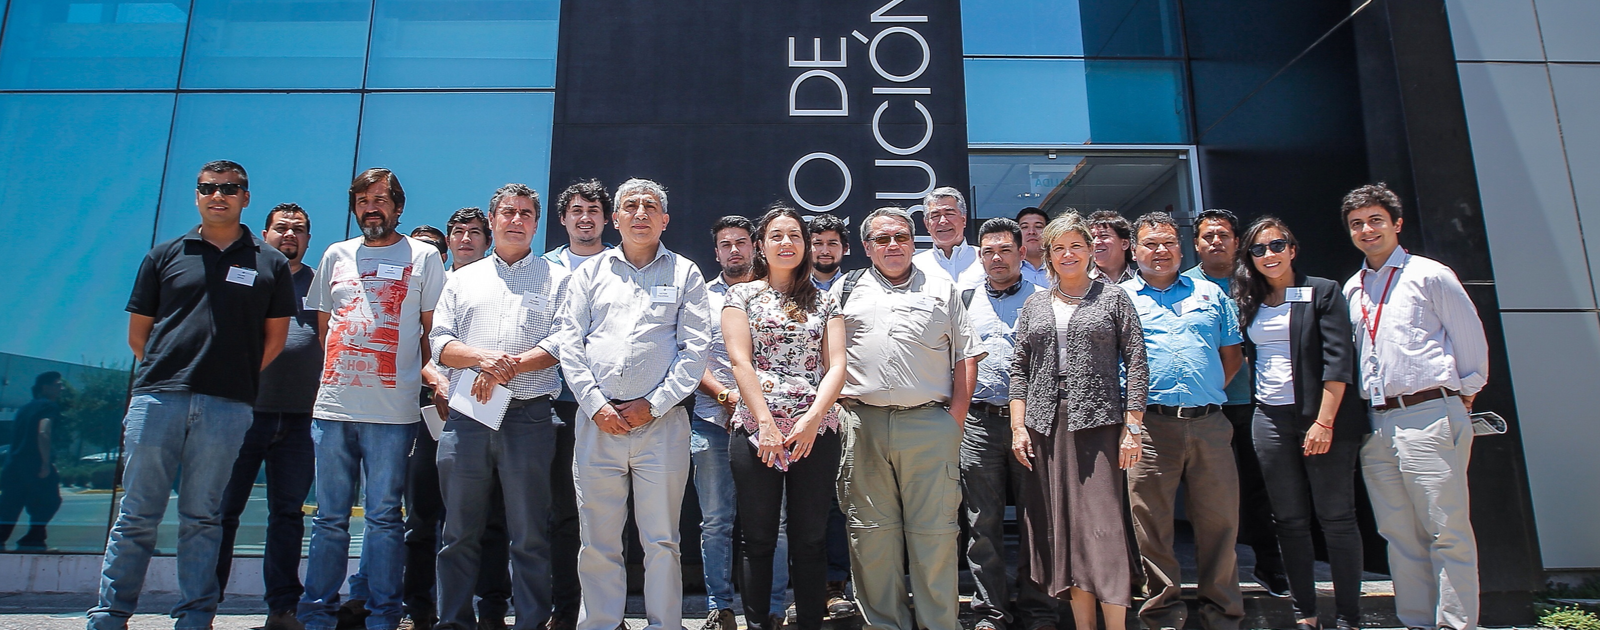 Grupo Educar organiza pasantía de profesores de Mecánica Automotriz